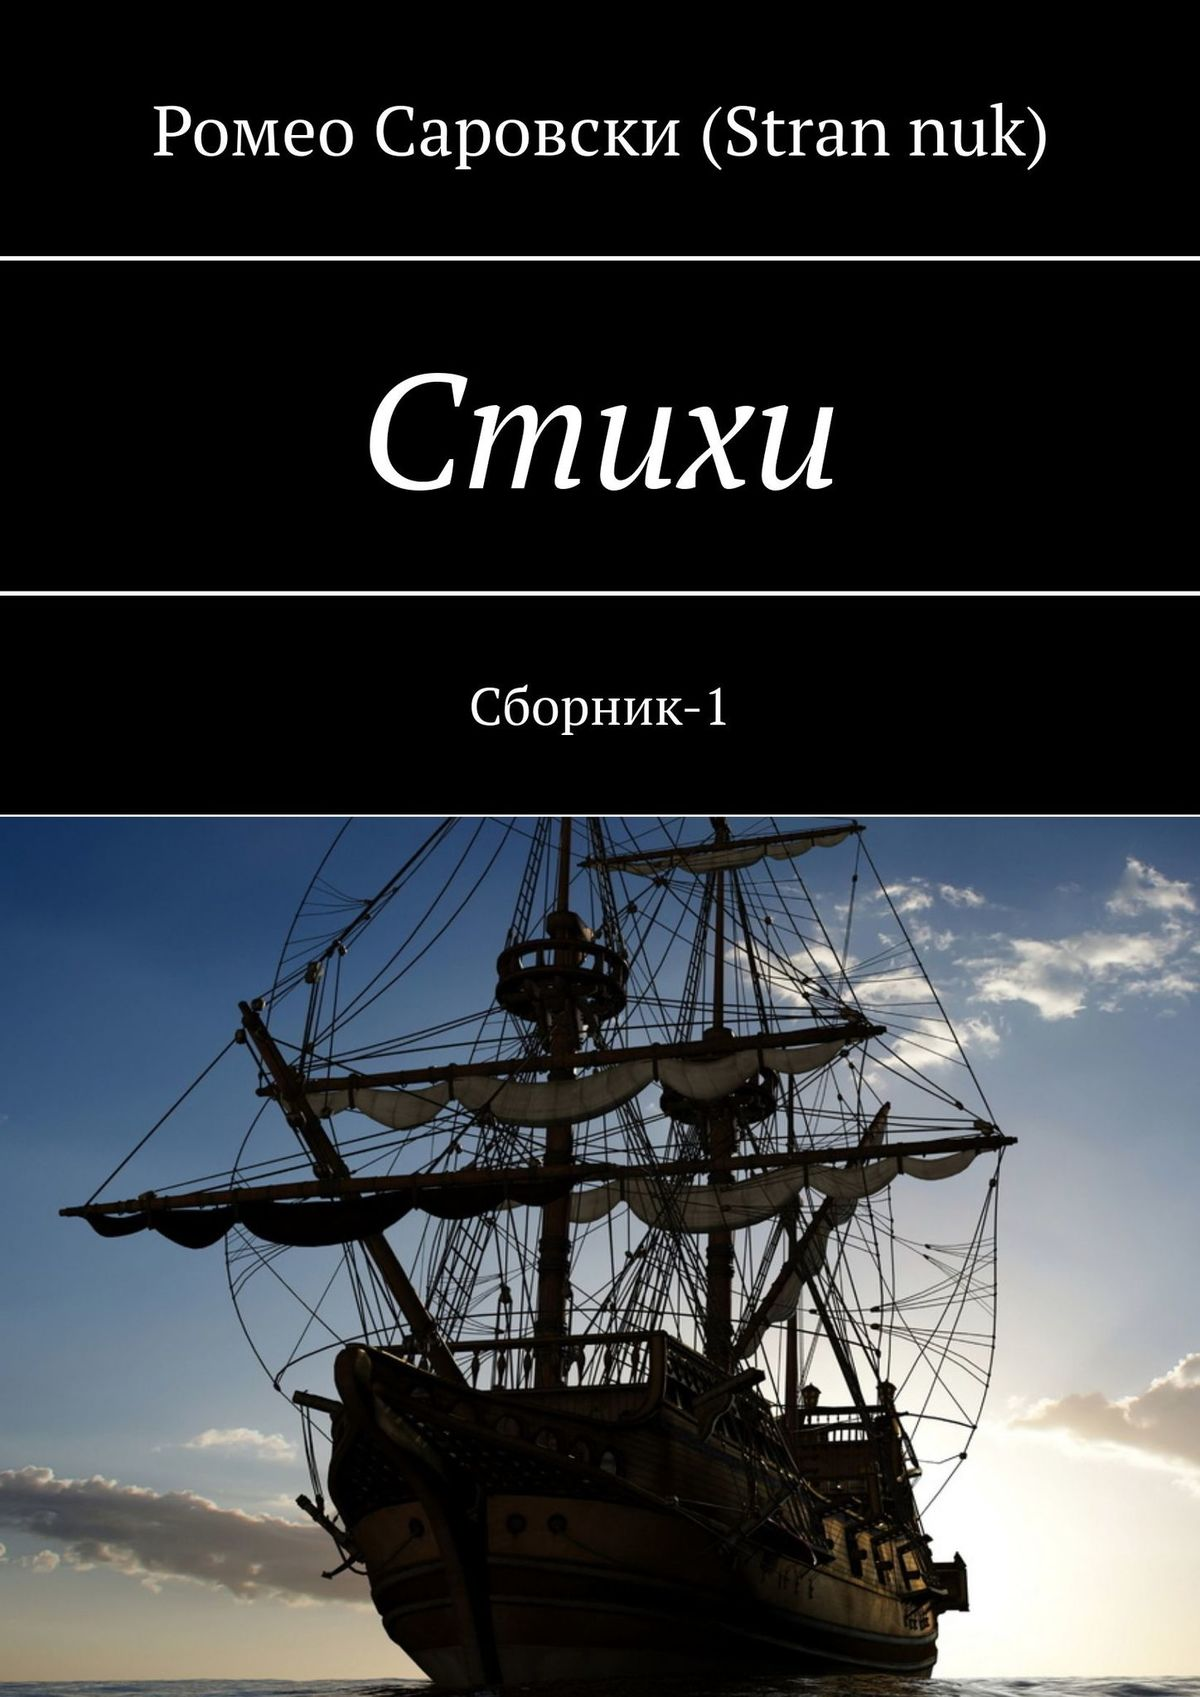 Роман Чукмасов (Strannuk) Стихи. Сборник-1